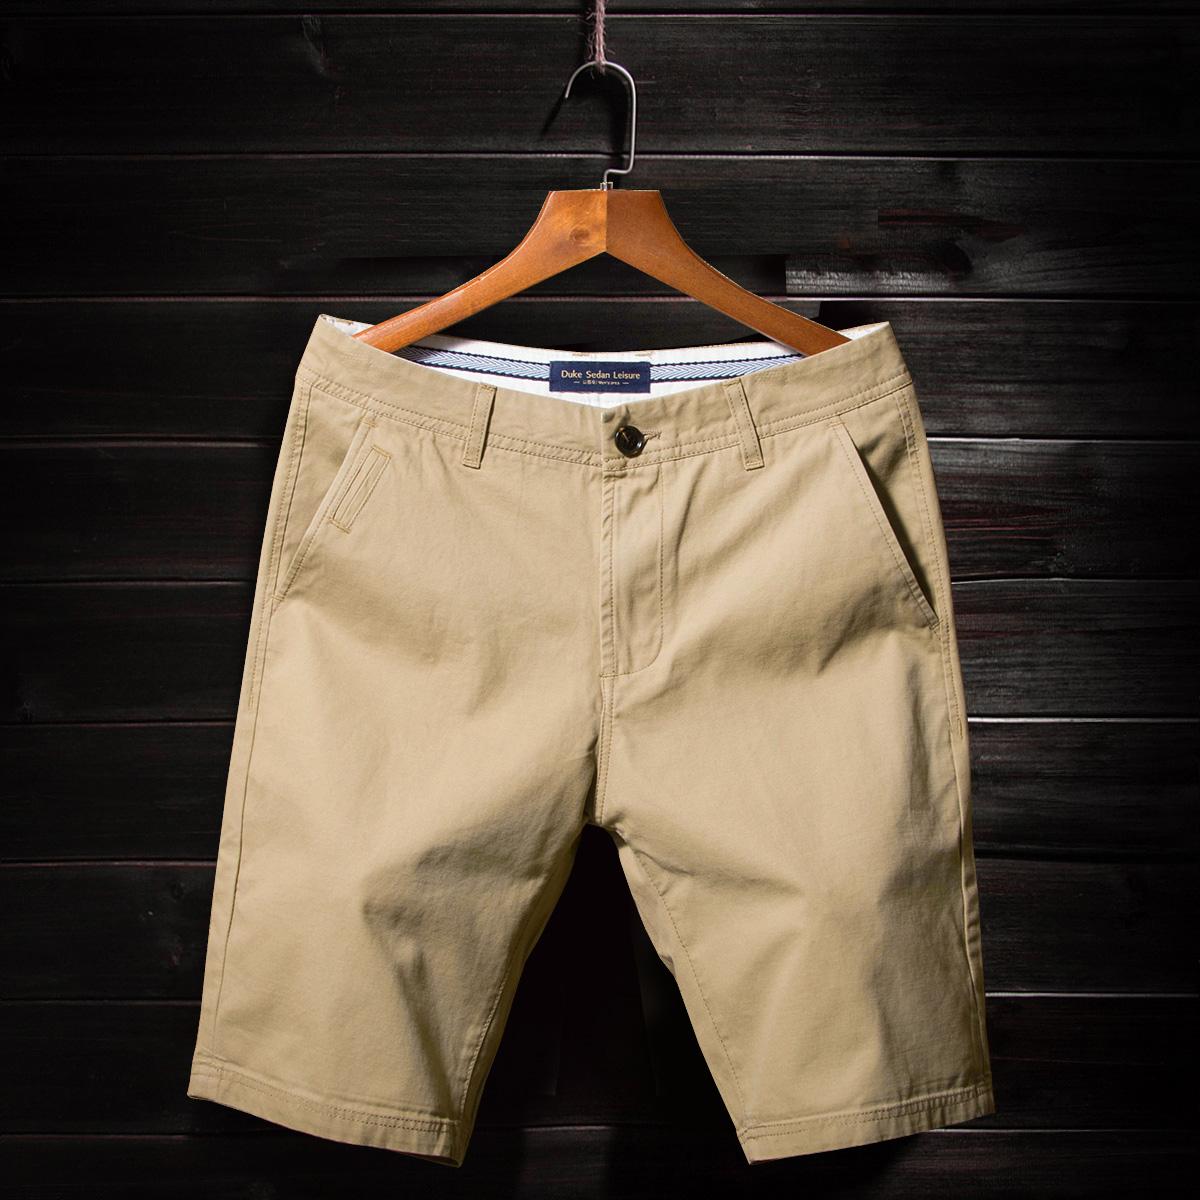 夏季休闲短裤男士五分裤夏天宽松七分裤5分中裤纯棉韩版潮流马裤